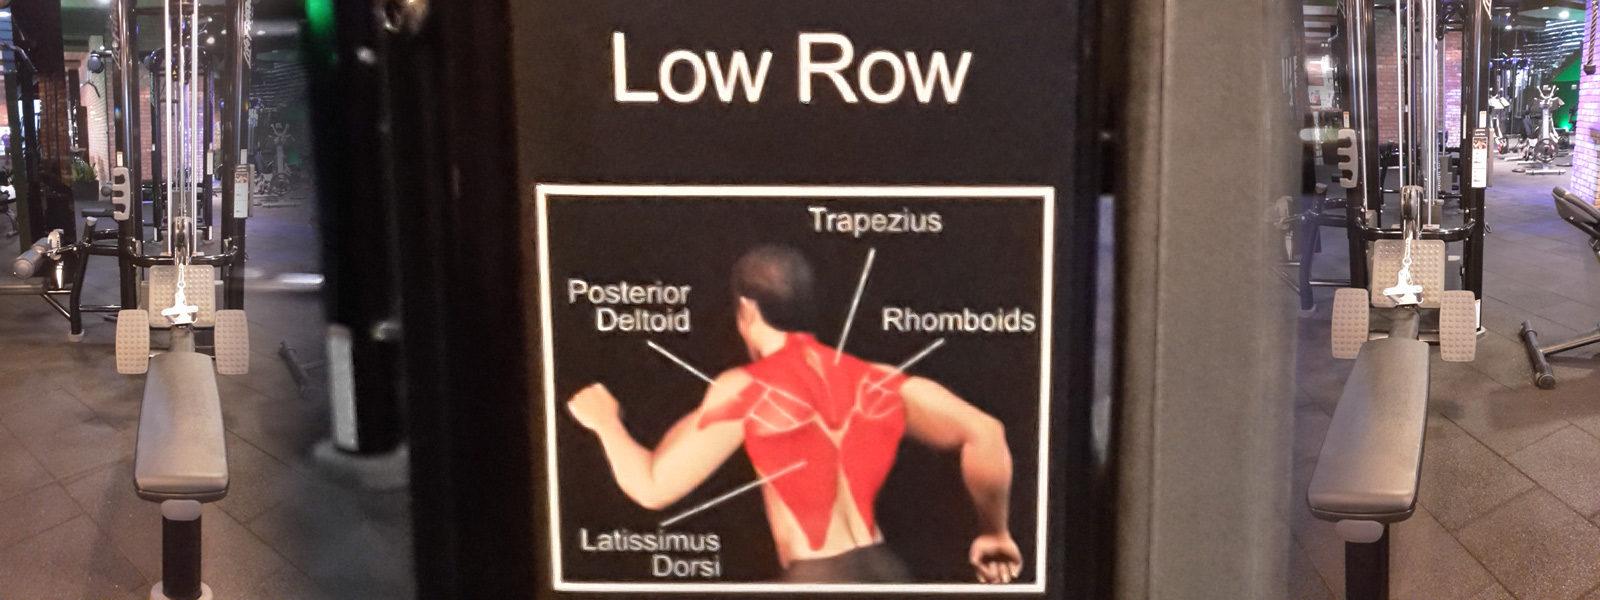 Придърпване на долен скрипец - упражнение за гръб